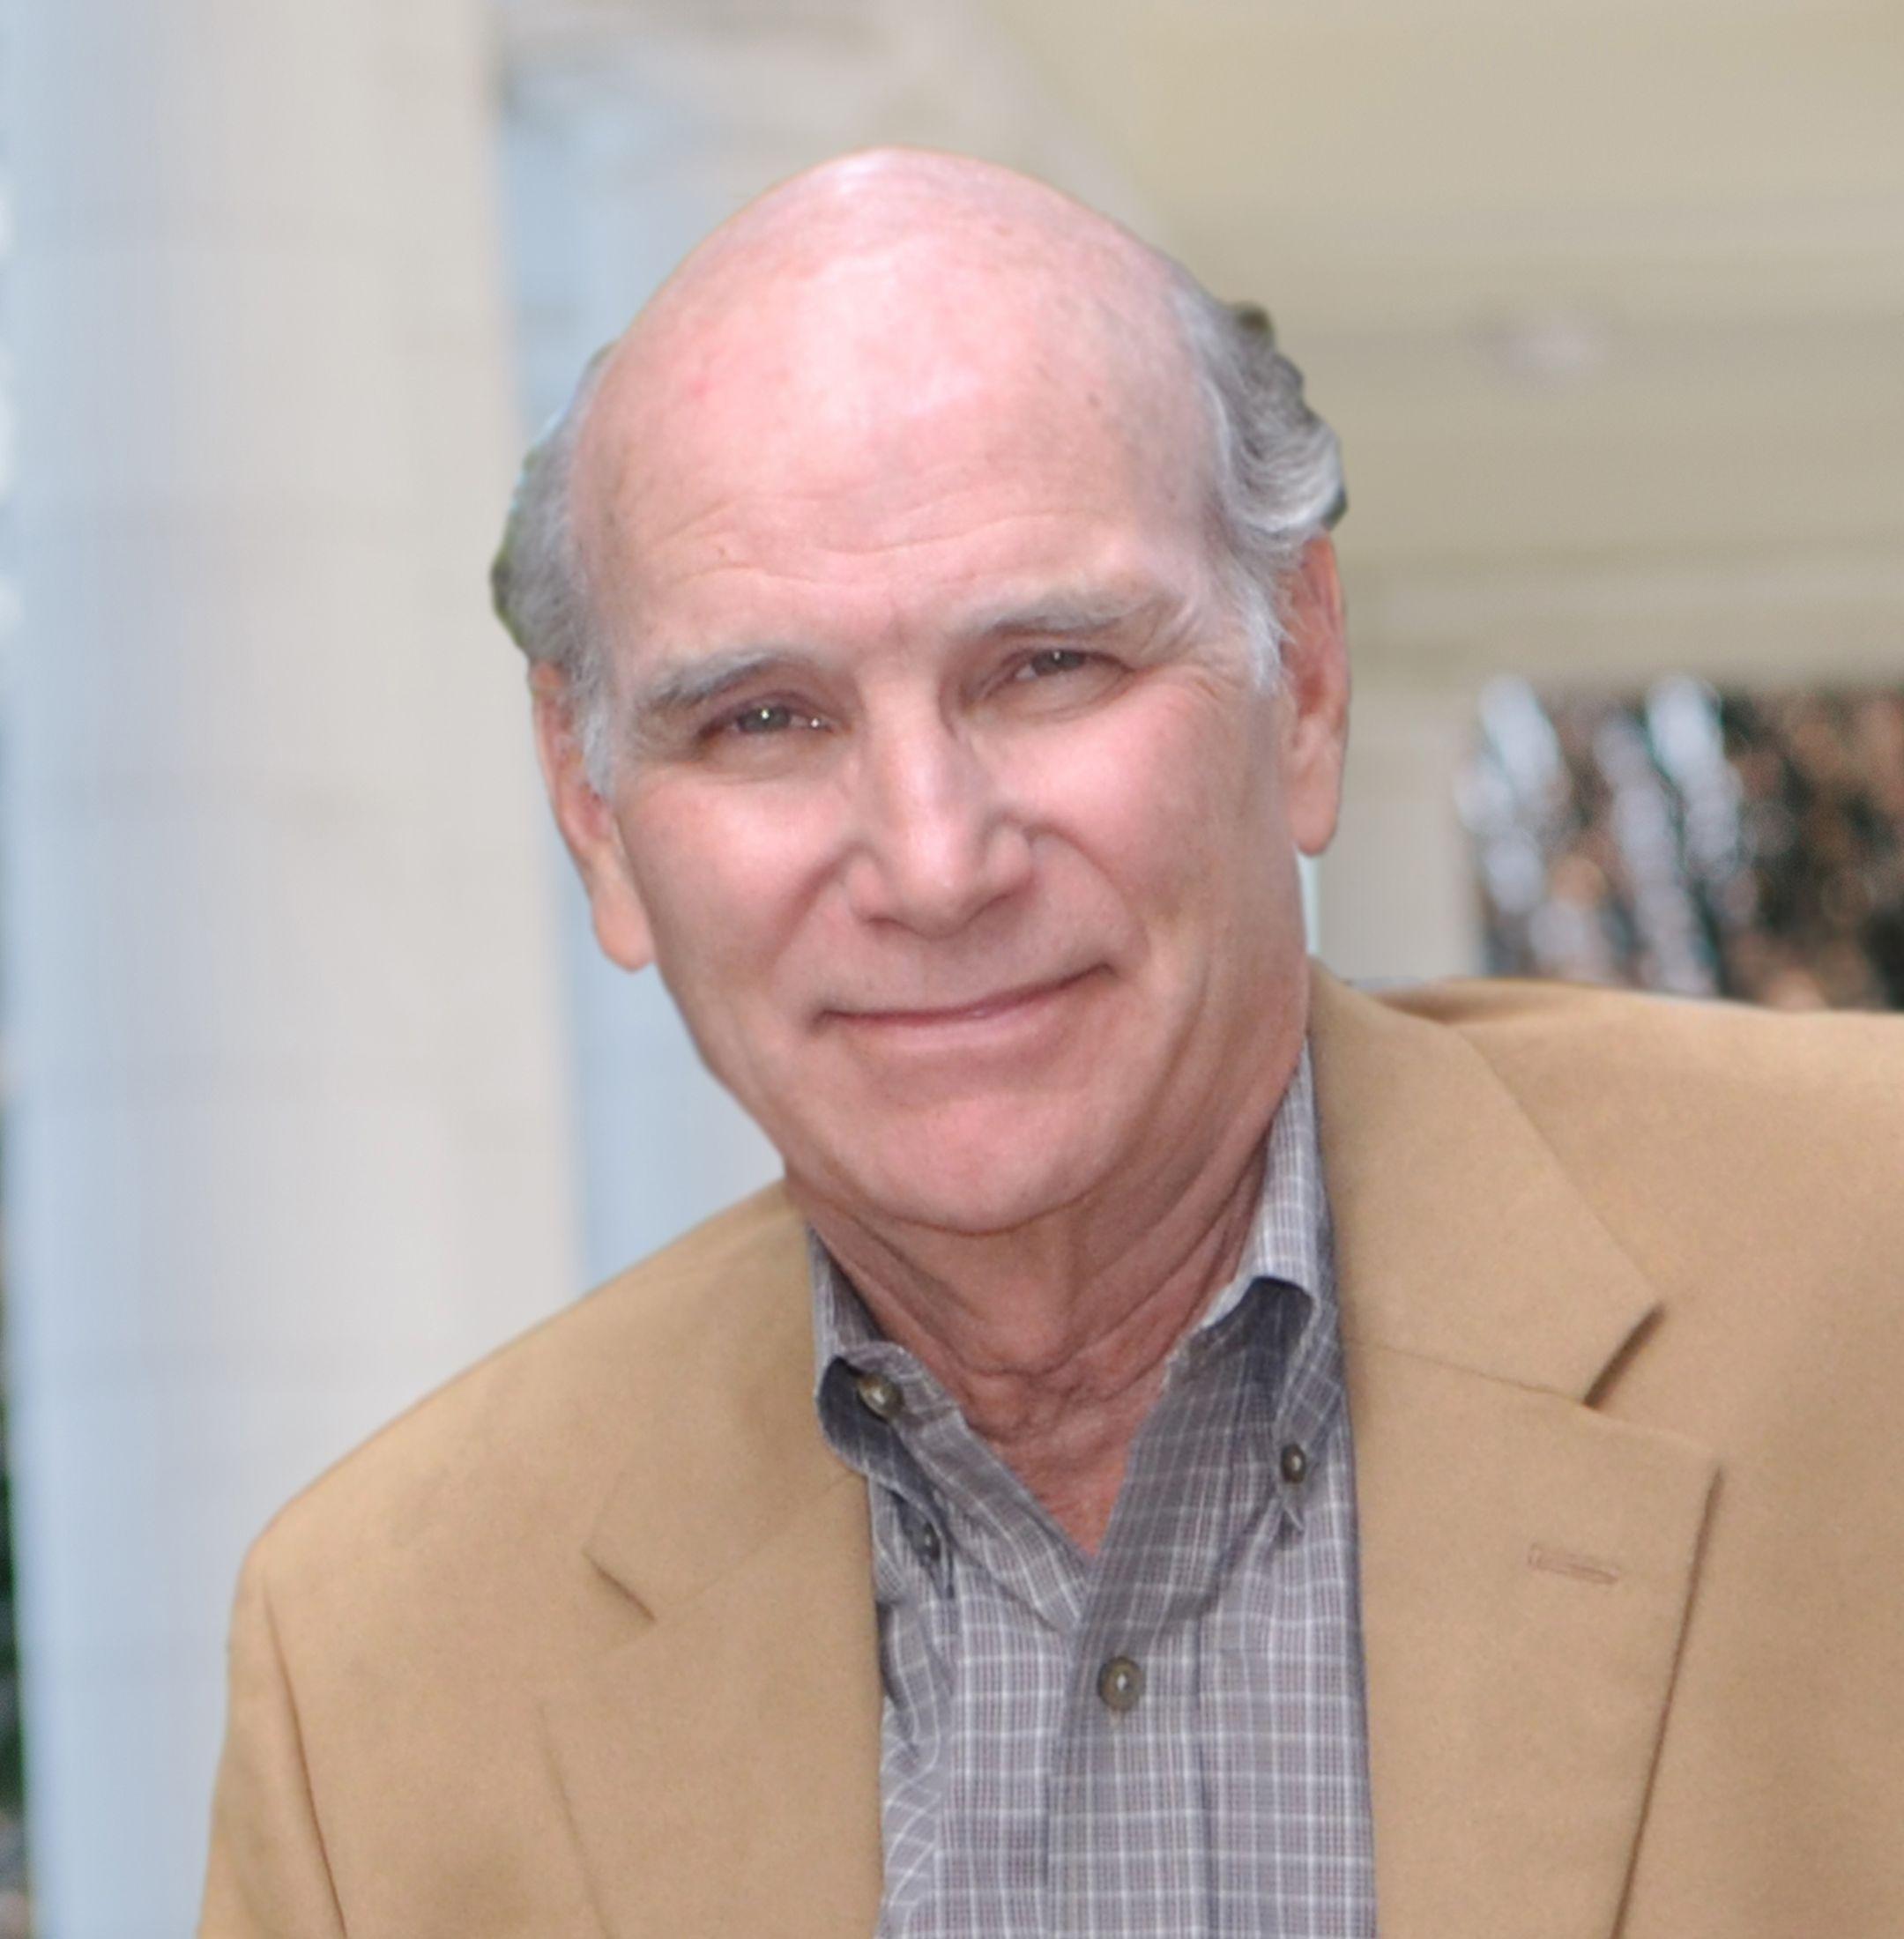 Christopher J. Duerksen